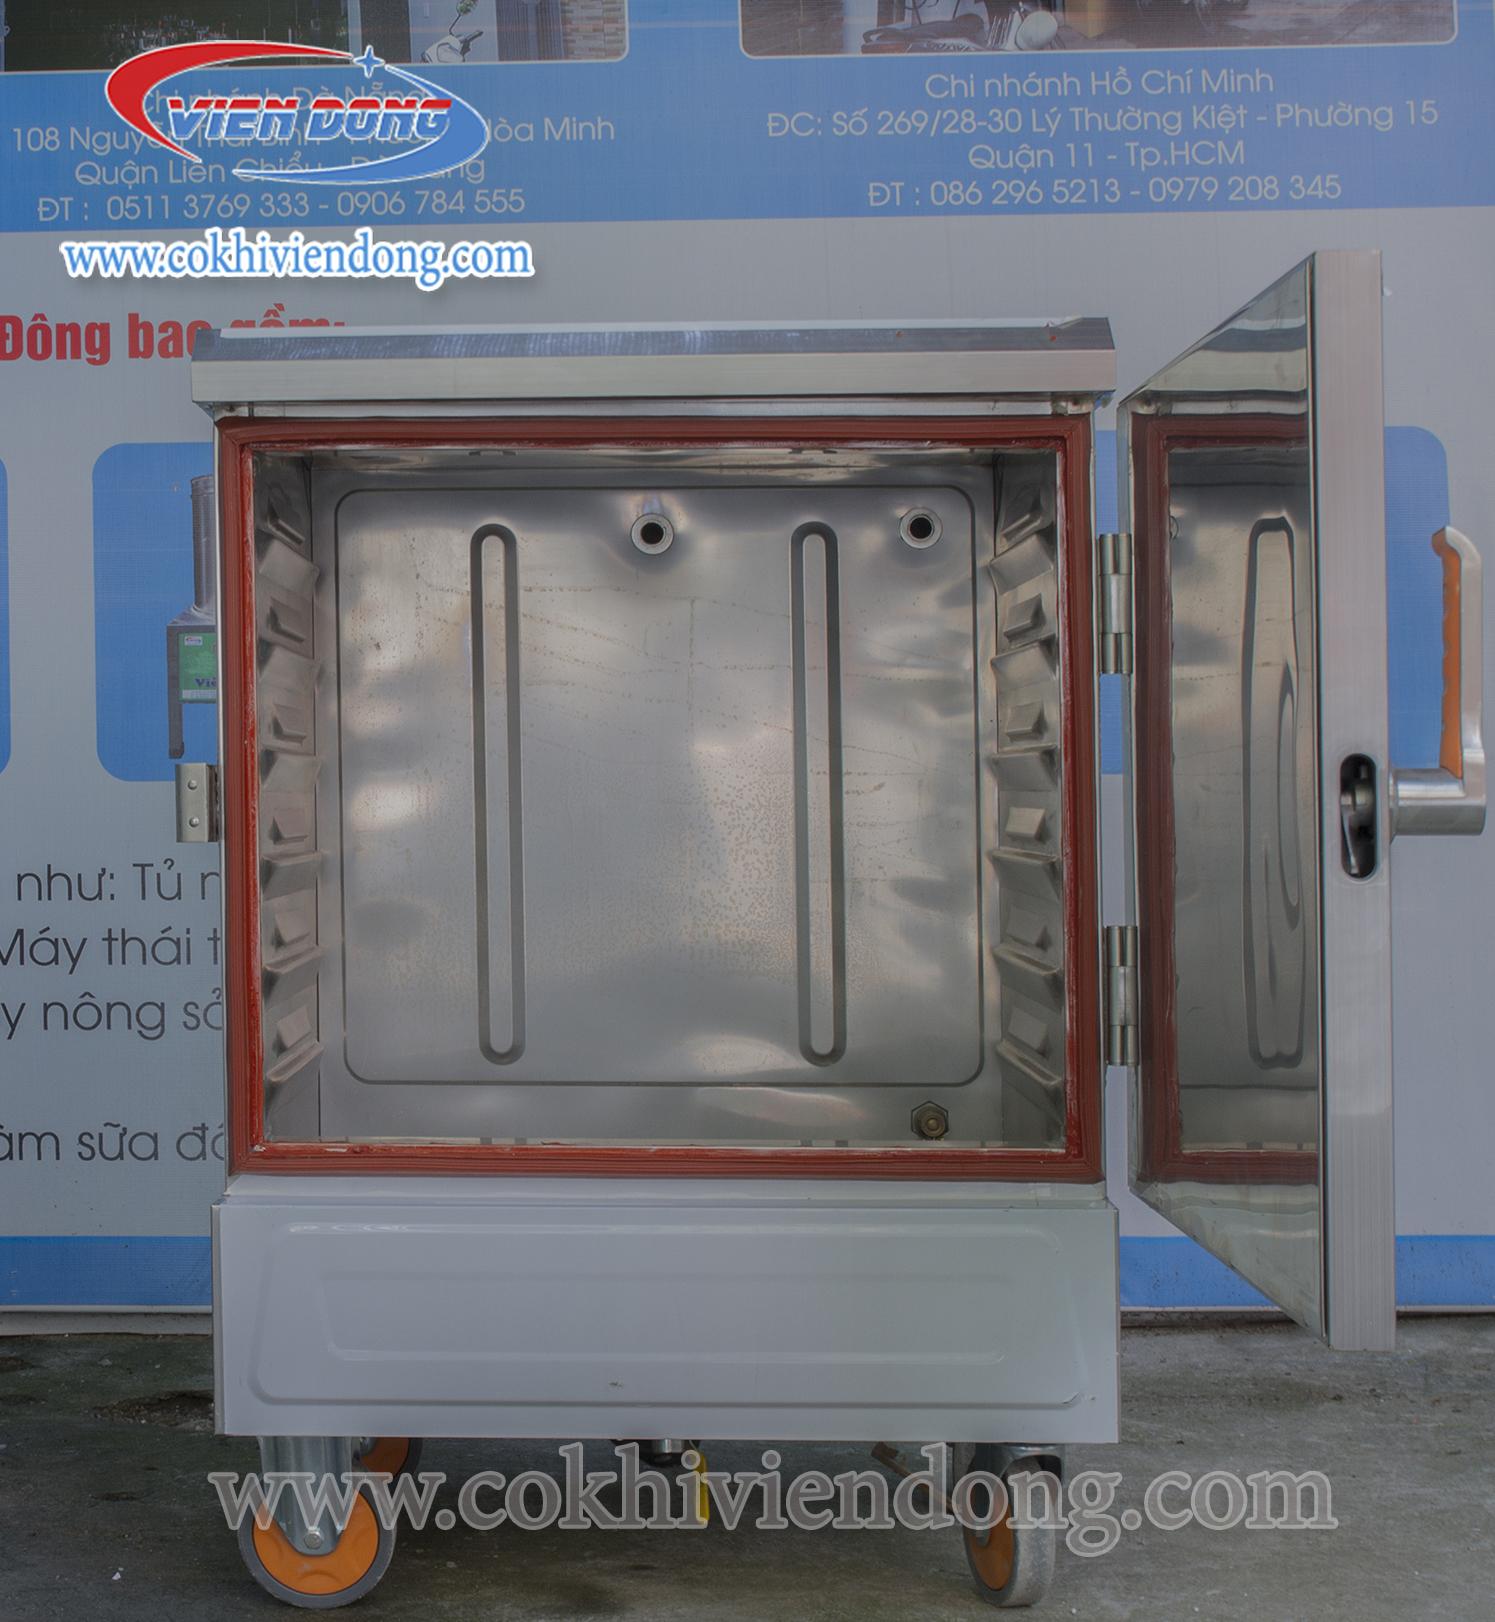 Tủ nấu cơm công nghiệp Việt Nam dùng gas 2